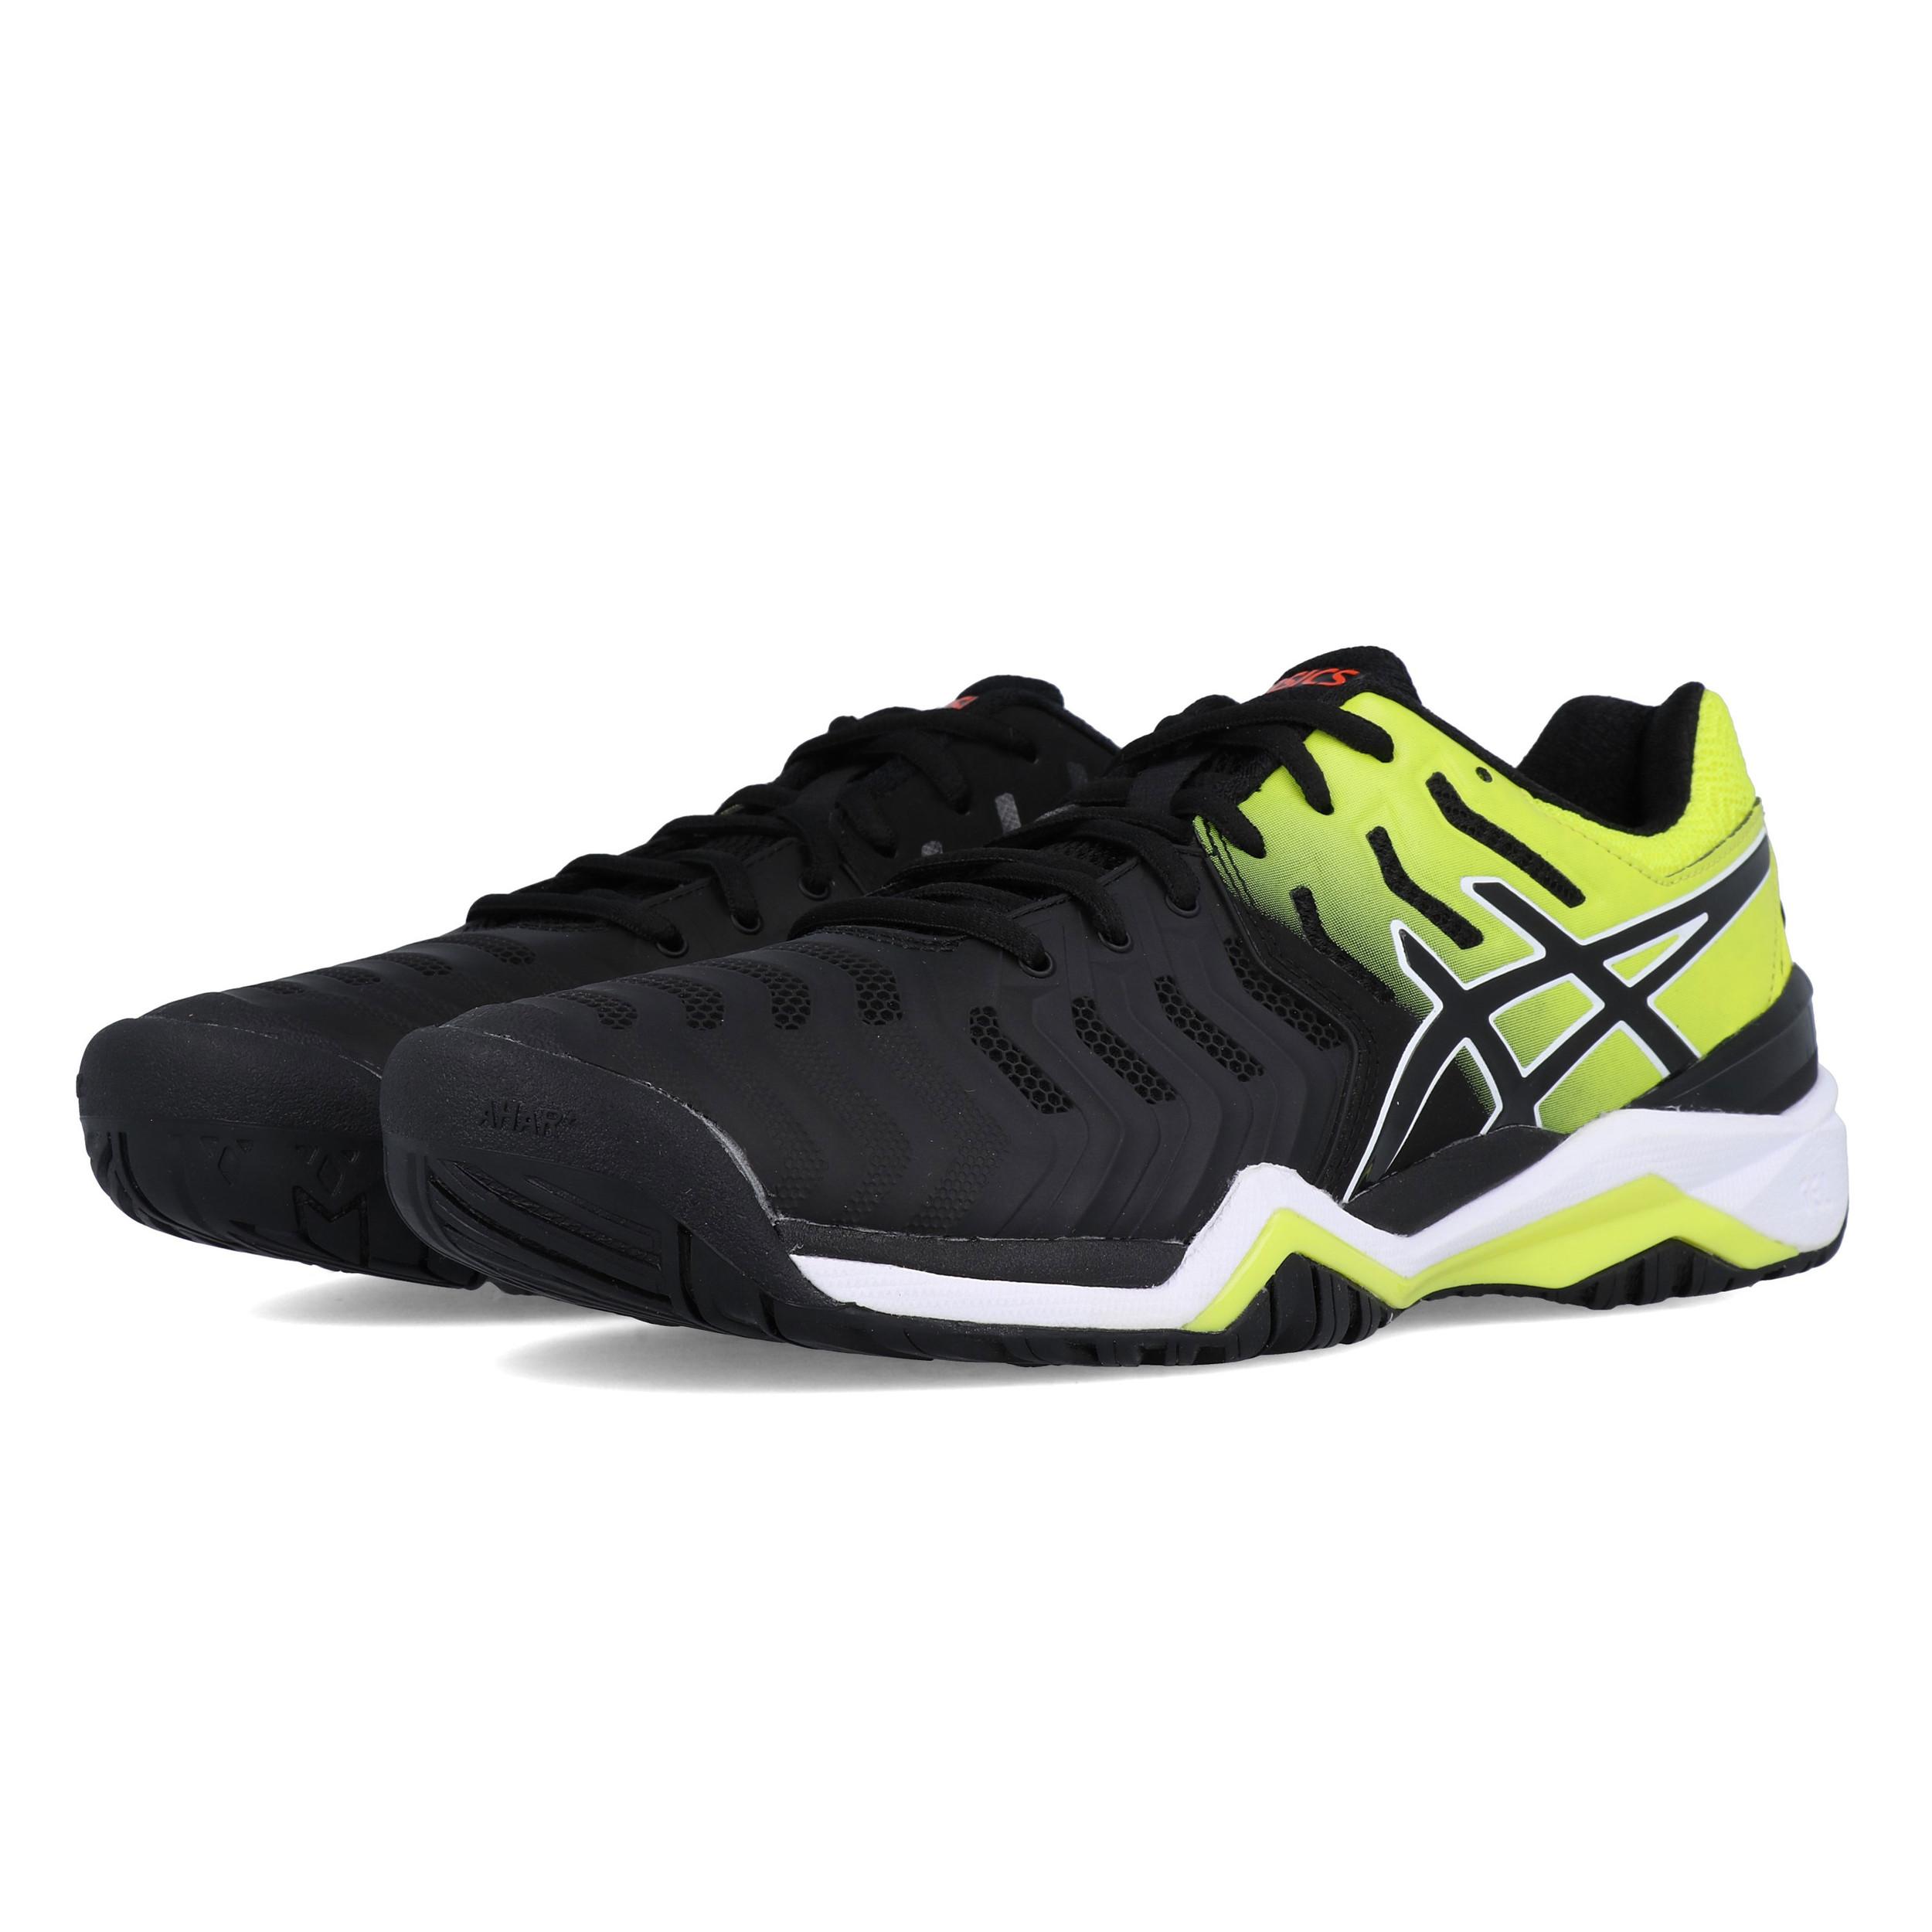 Détails sur Asics Homme Gel Resolution 7 Chaussures de Tennis Noir Jaune Sport Respirant afficher le titre d'origine